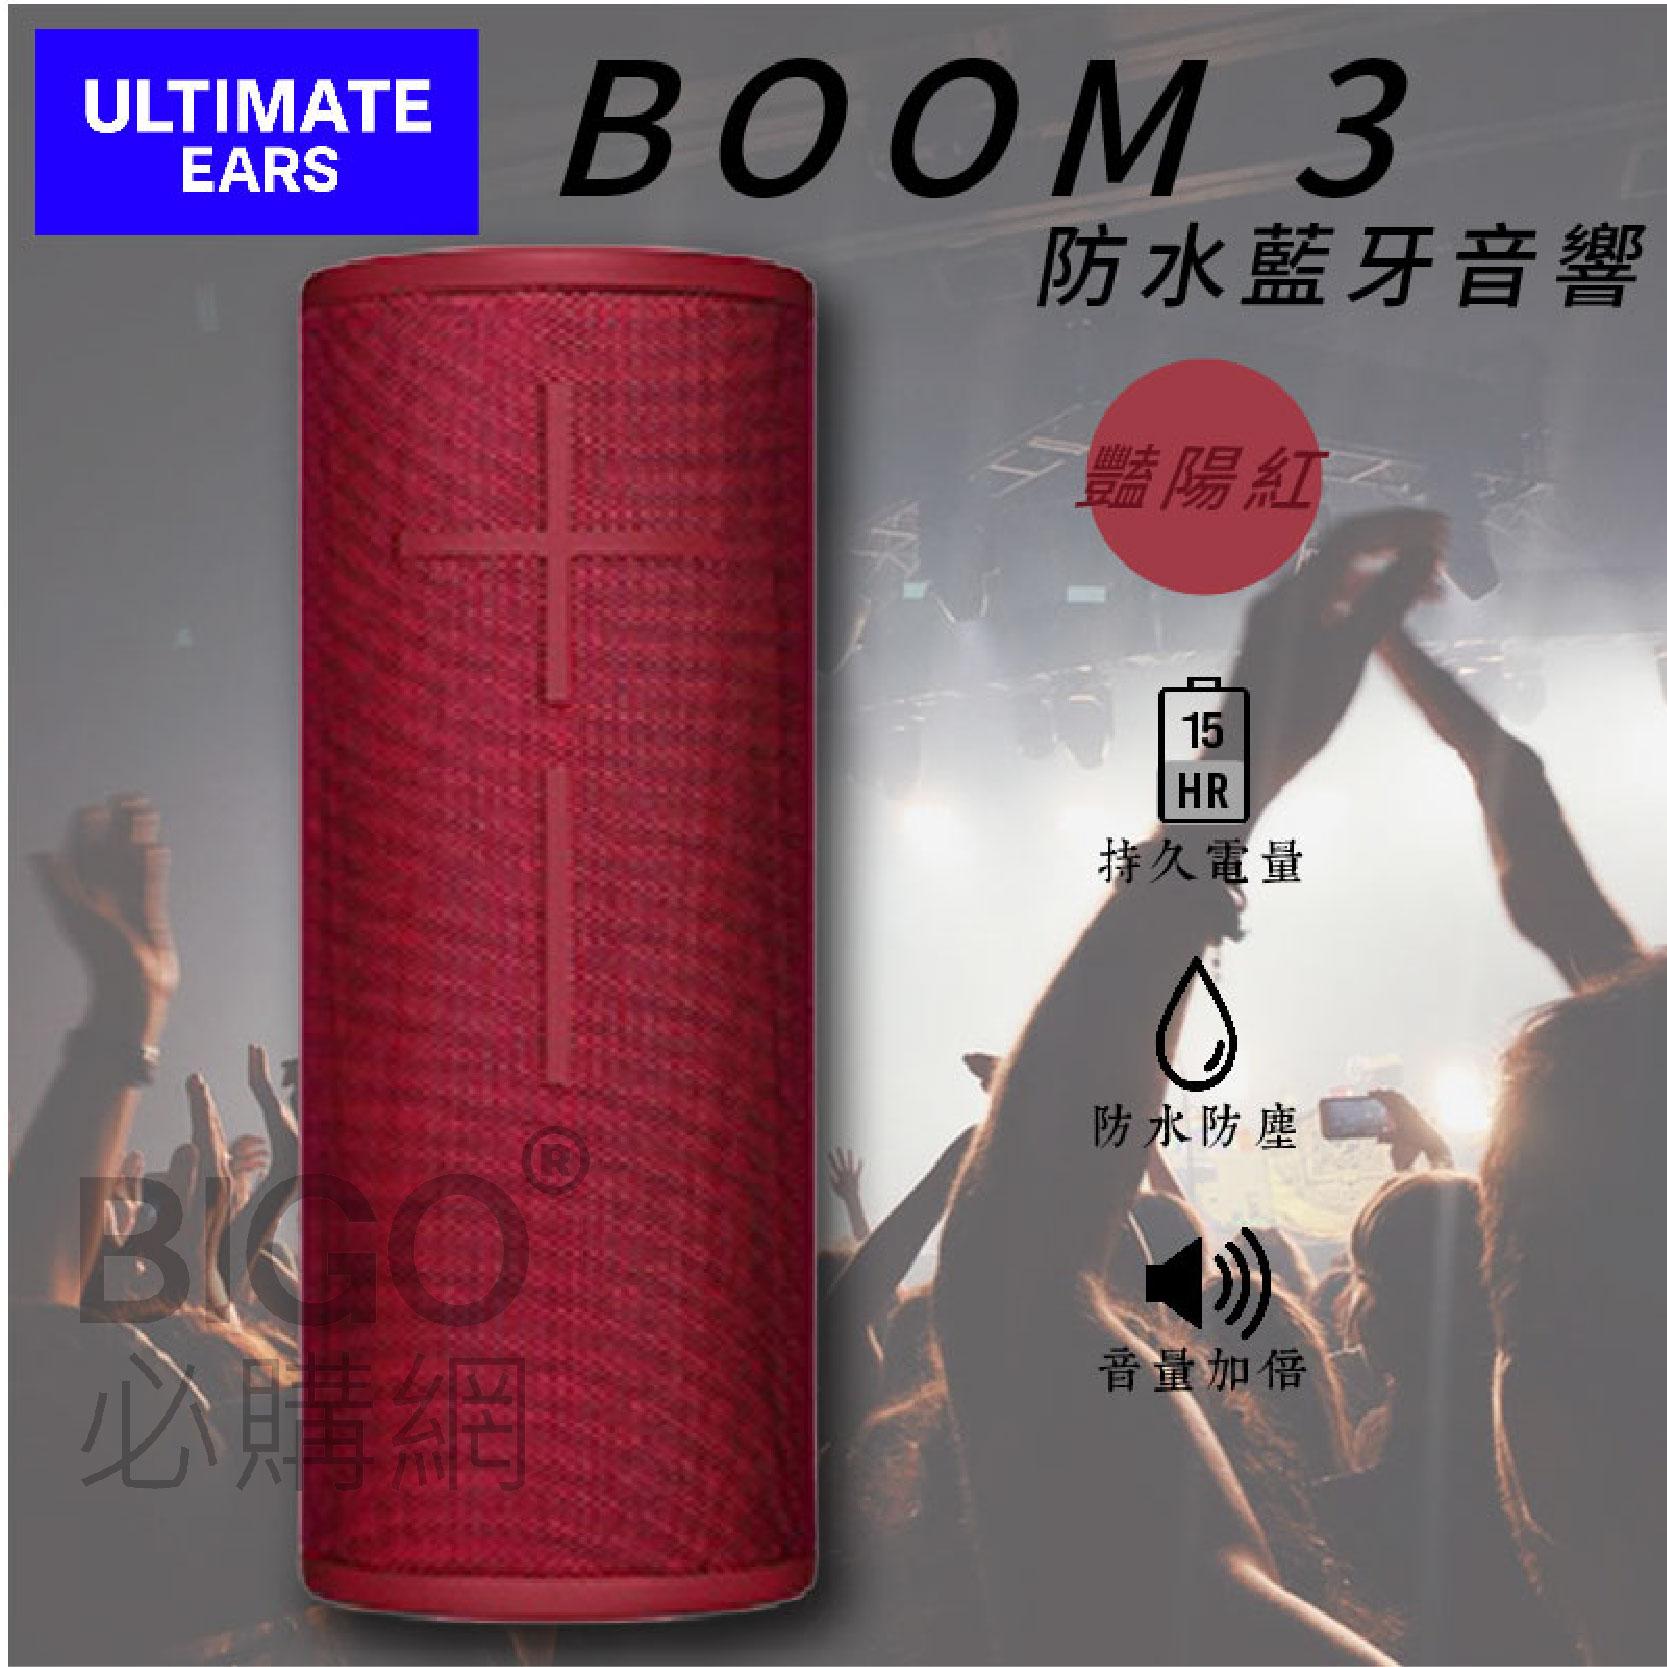 超大音量美國UE  藍芽喇叭BOOM3 豔陽紅  防水 防塵 可浮水  IP67 音量增強 操作簡易 攜帶輕便 無線